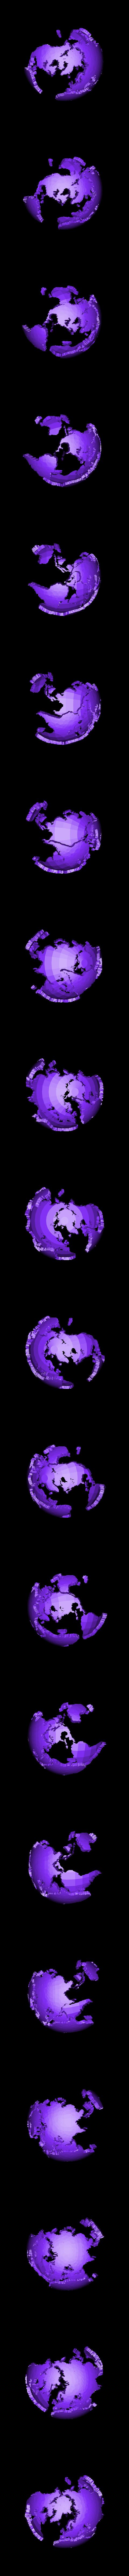 2color_world_giant_land.stl Télécharger fichier STL gratuit Monde géant creux à deux couleurs • Plan à imprimer en 3D, ErnyCrazyPrinter